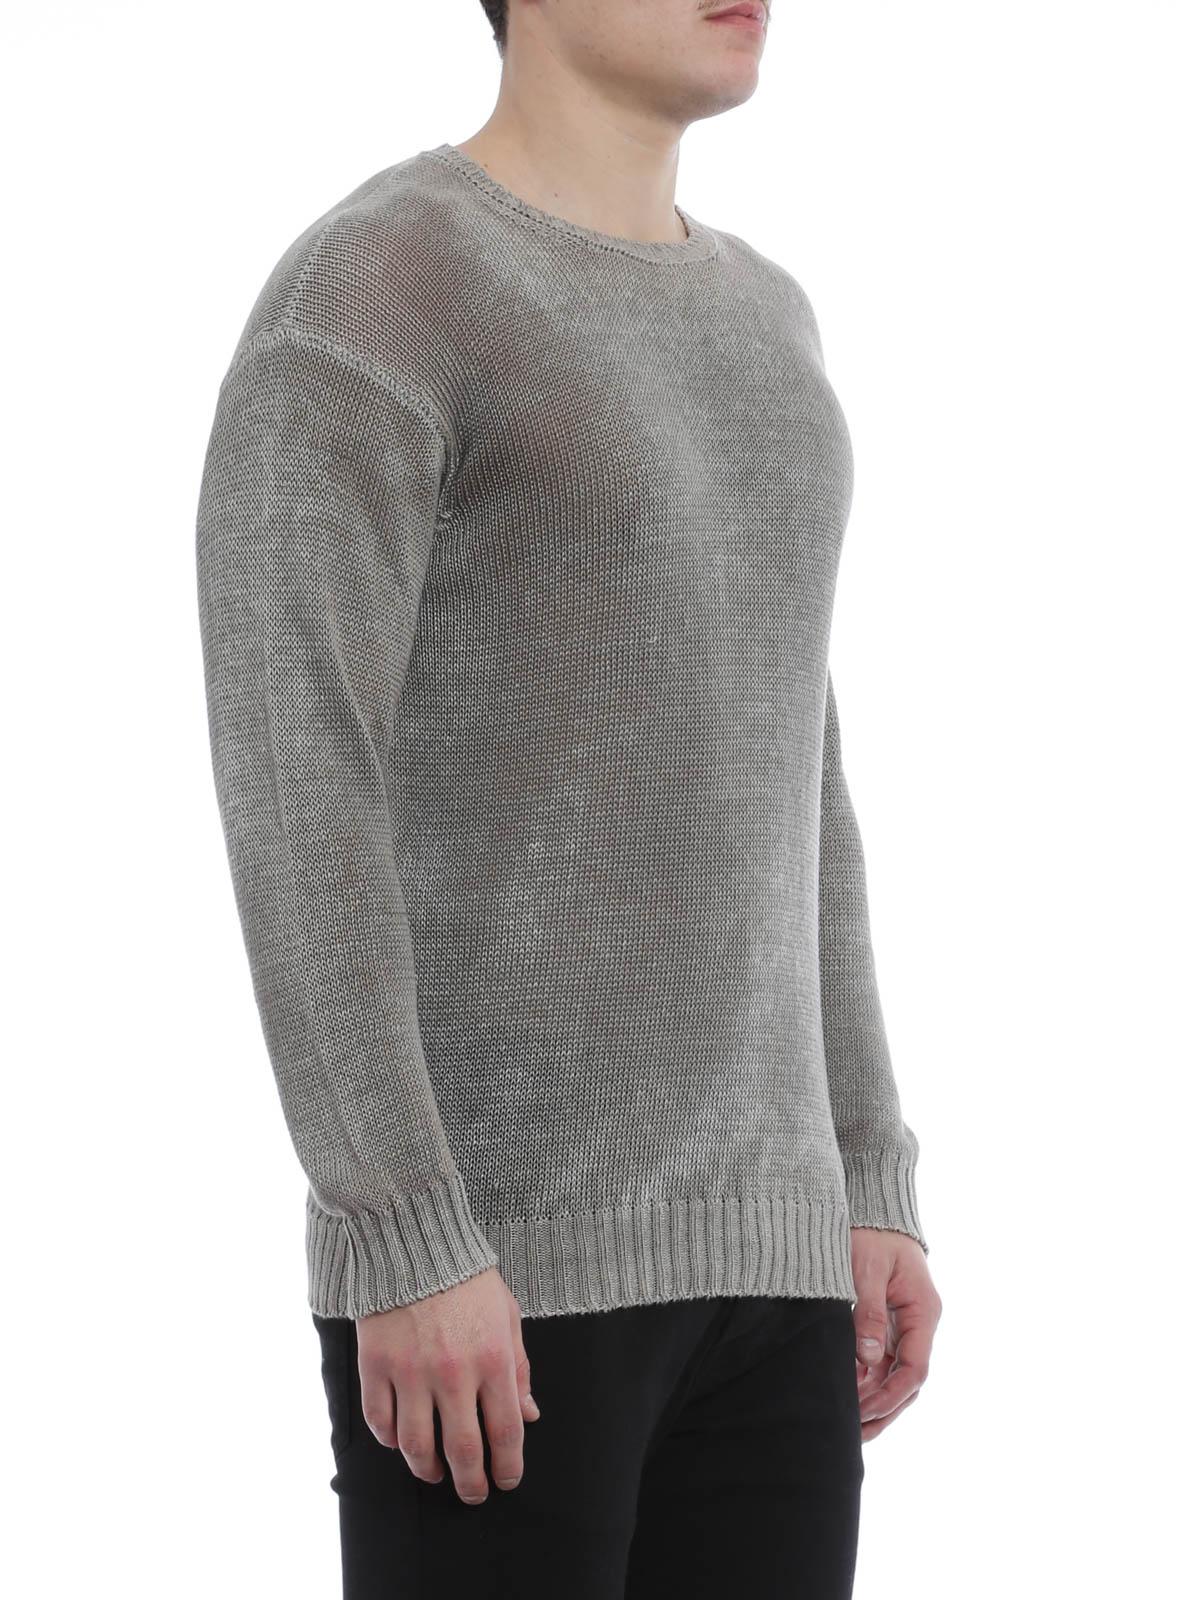 Linen knit sweater by Avant Toi - crew necks iKRIX